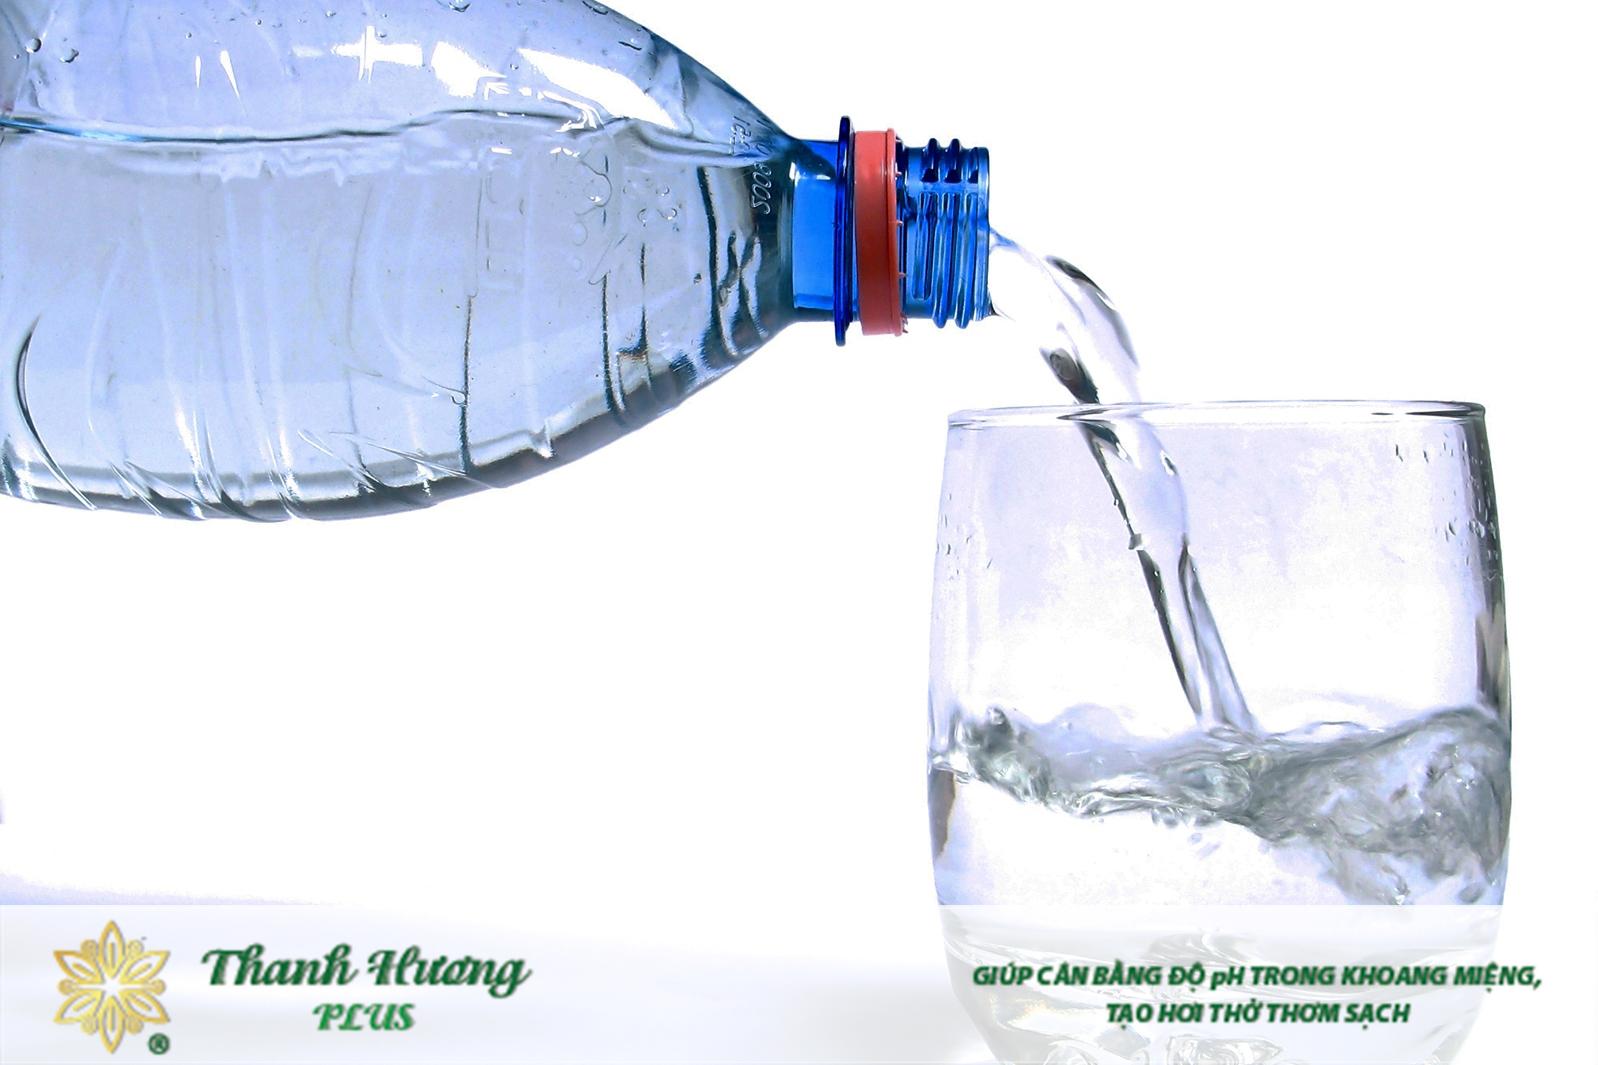 Cách làm nước muối súc miệng thành công sẽ tạo ra được sản phẩm trong suốt